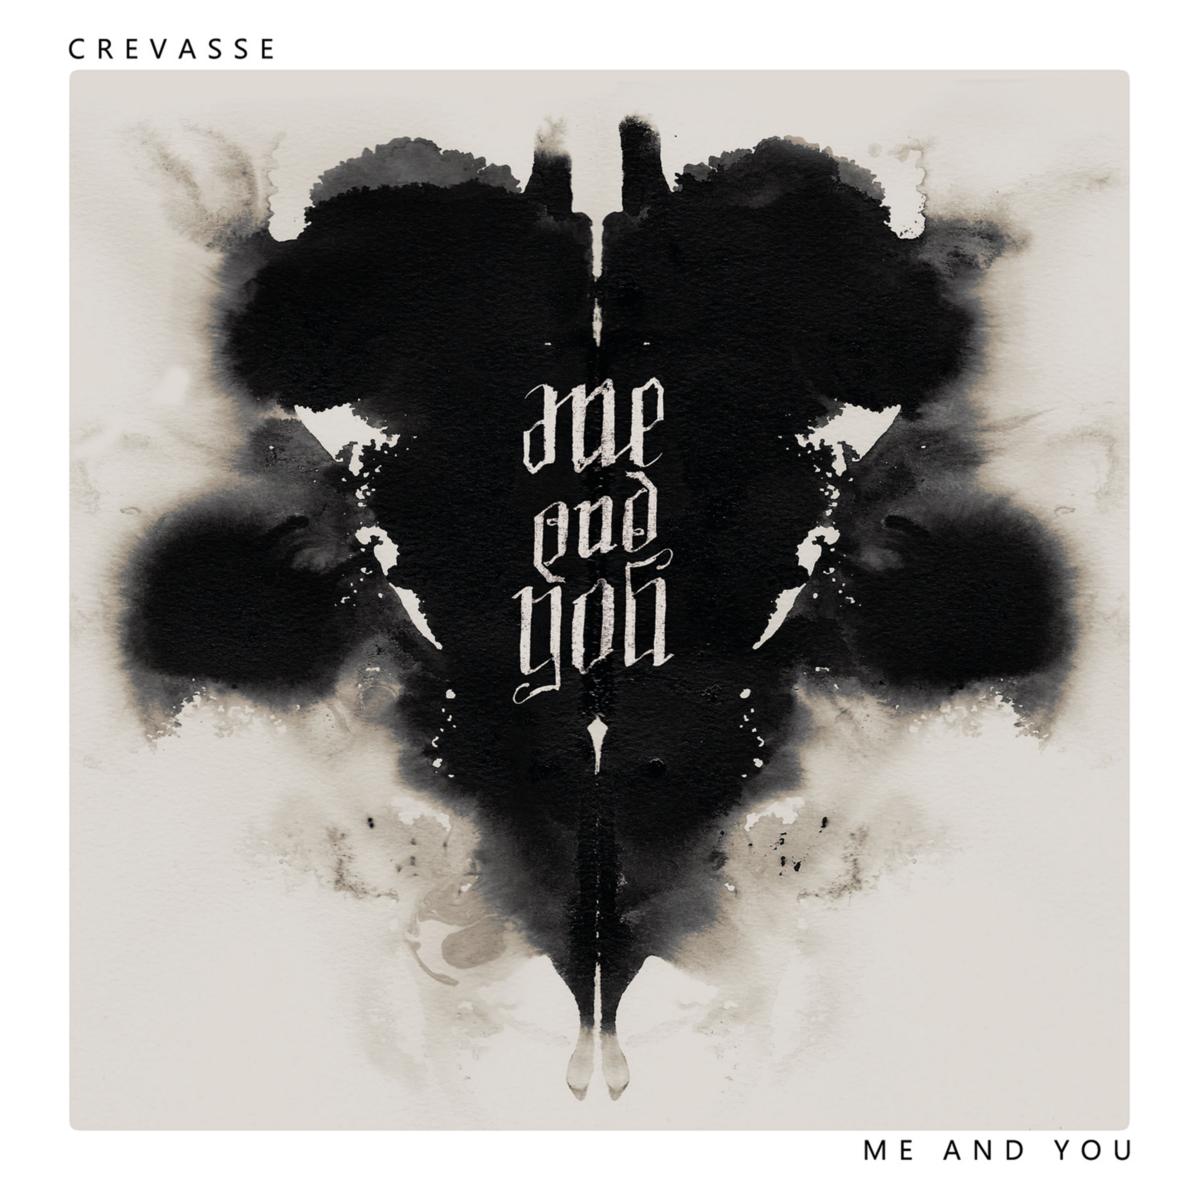 CREVASSE-Me&You // Album, 2017/03/10 // MMP012 // EAN: 9008798227686